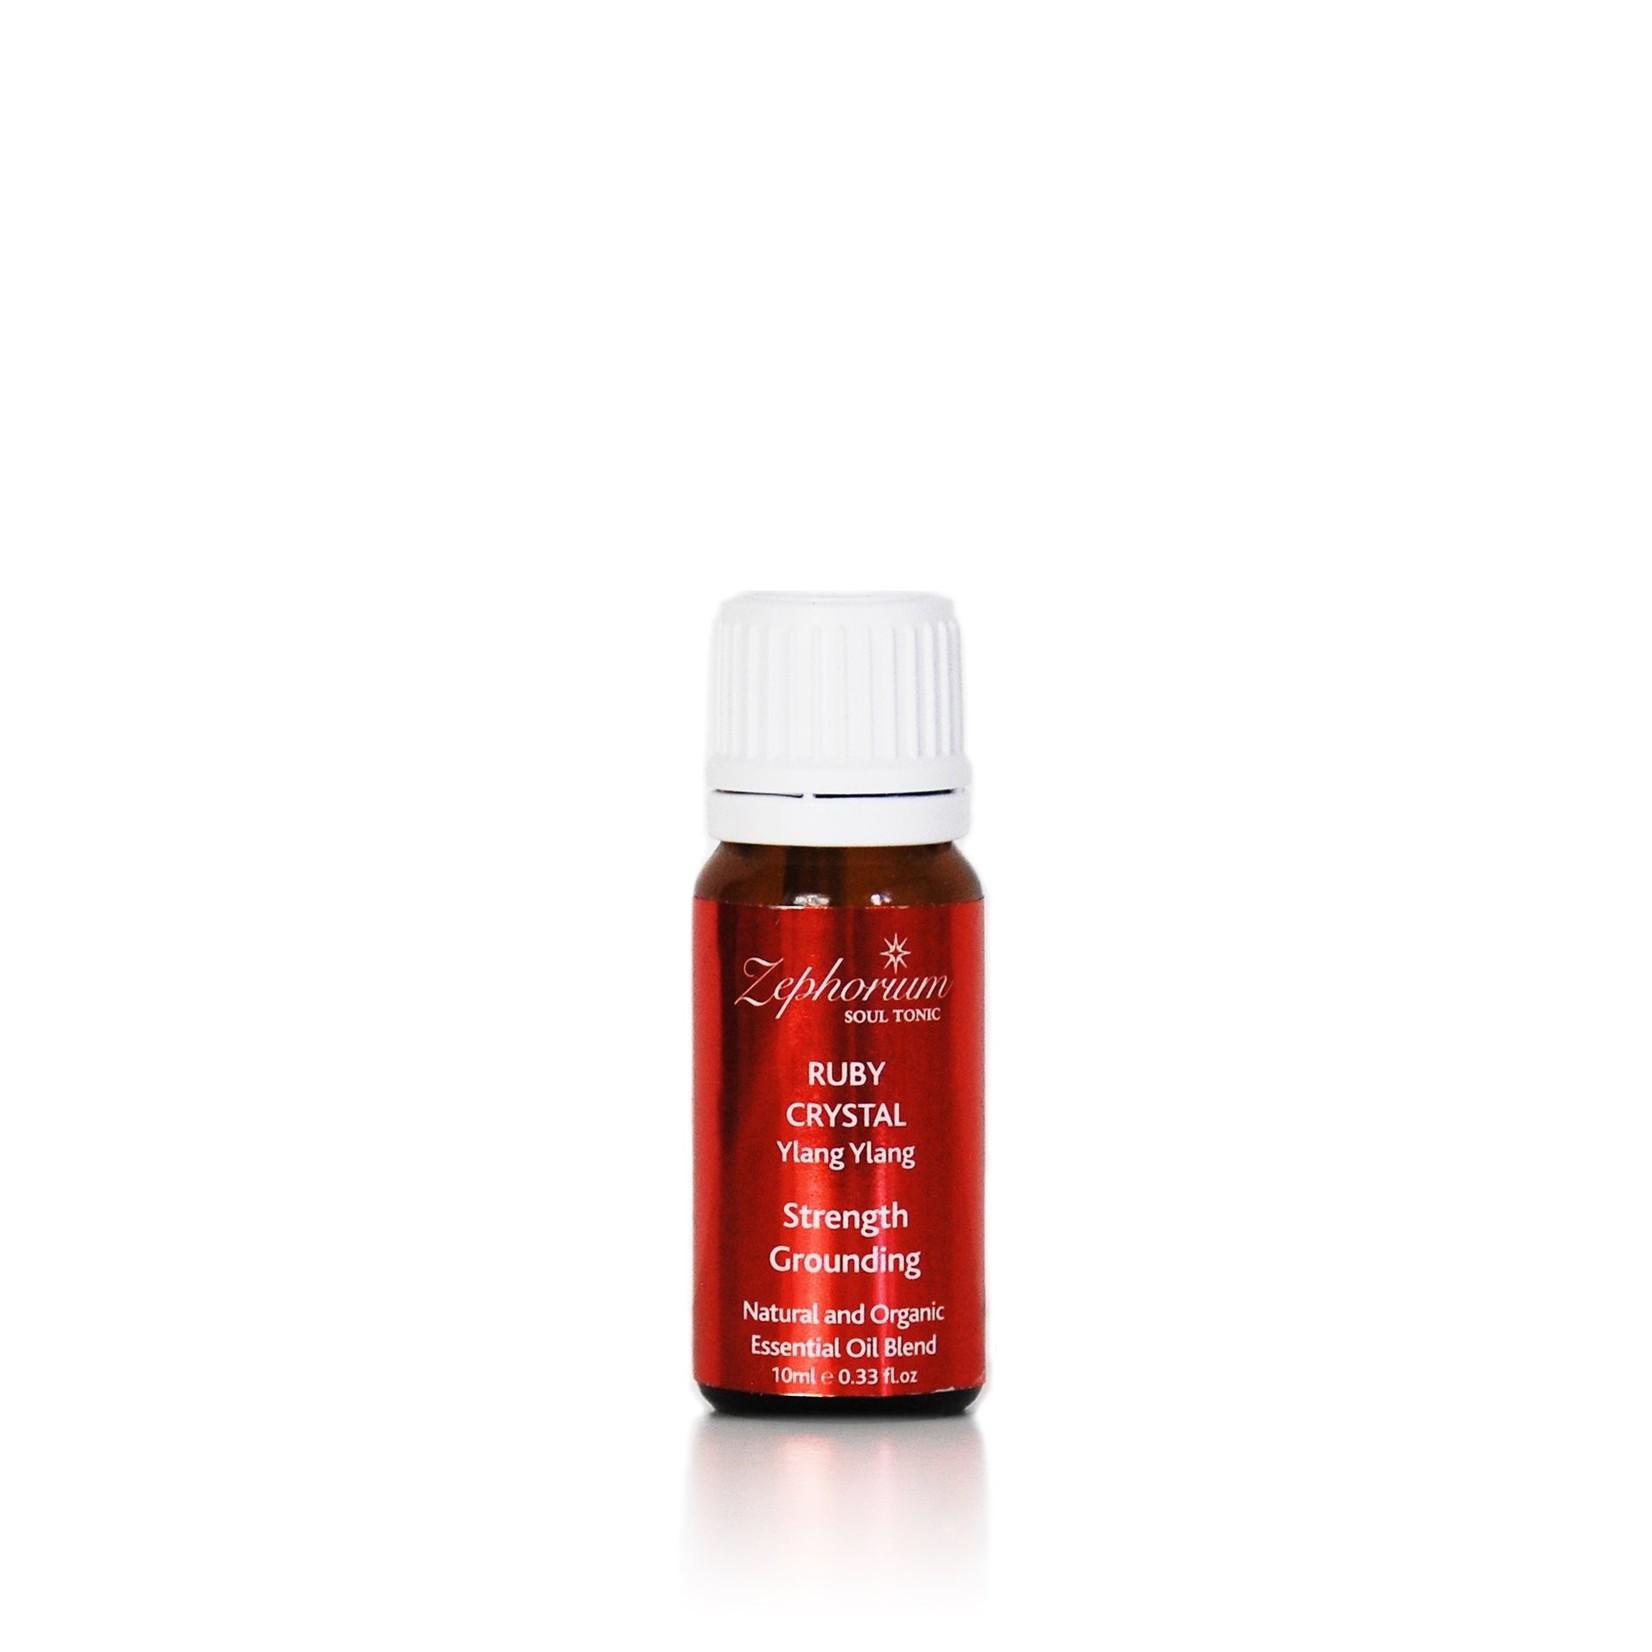 Ruby essential oil blend - wortelchakra